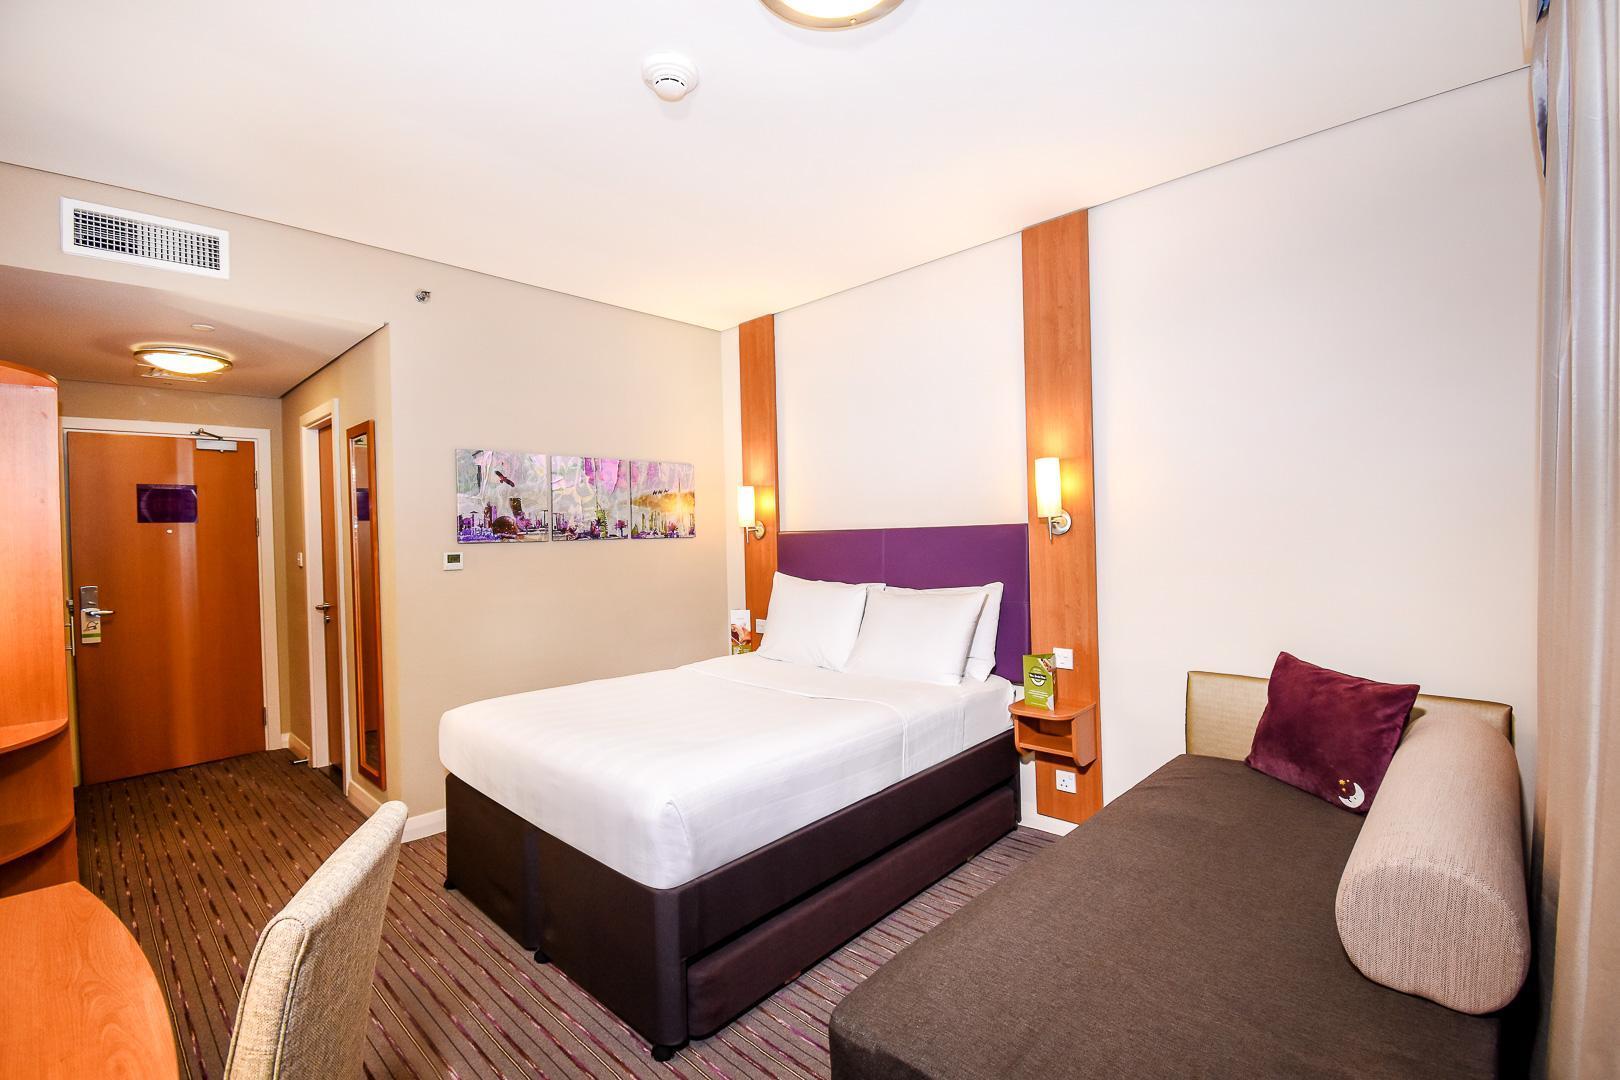 Отель в аэропорту дубай для транзитников al sarab hotel 3 дубай отзывы